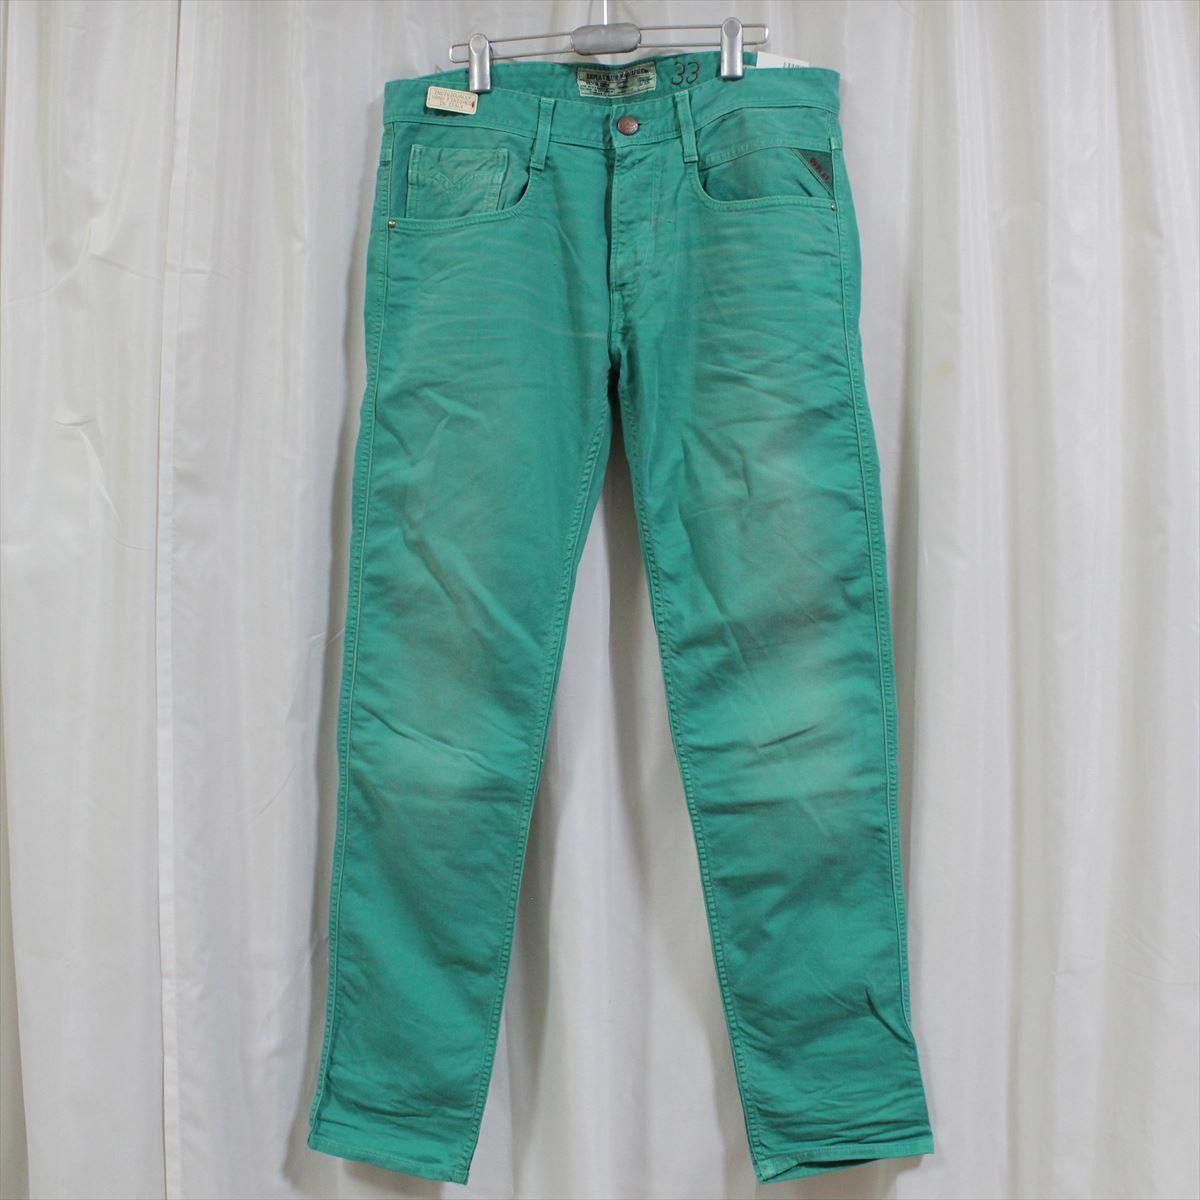 リプレイ REPLAY メンズカラーパンツ ジーンズ デニムパンツ SLIM グリーン 30インチ 新品 REPLAY BLUE JEANS anbass slim jeans_画像1